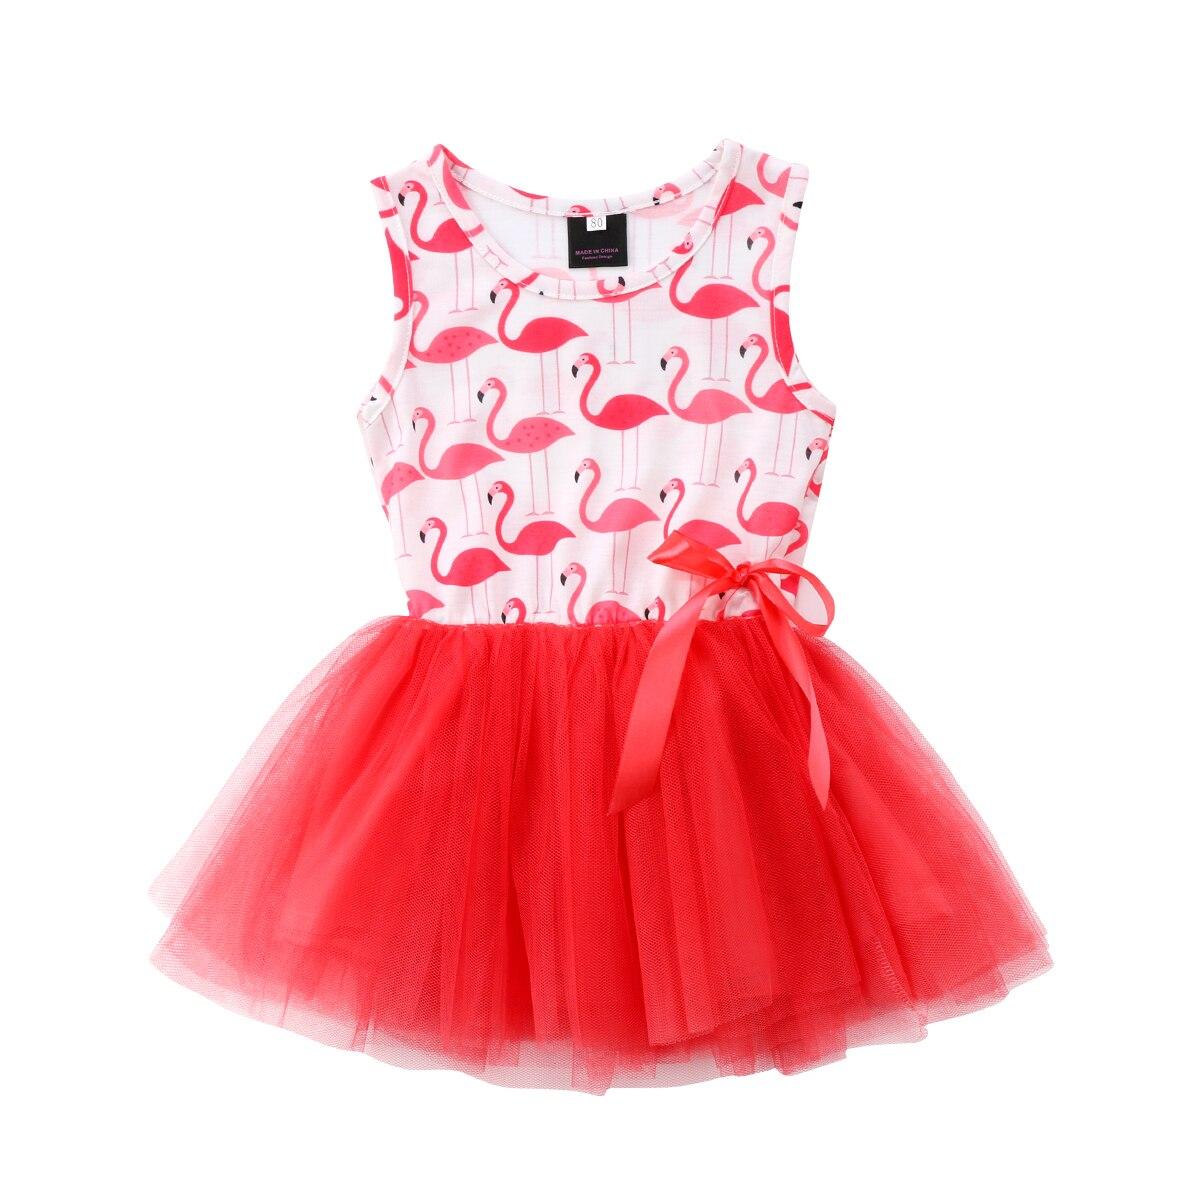 Pudcoco Симпатичные фламинго для новорожденных принцессы Обувь для девочек Горячая Распродажа модное платье без рукавов летнее платье От 0 до 5...